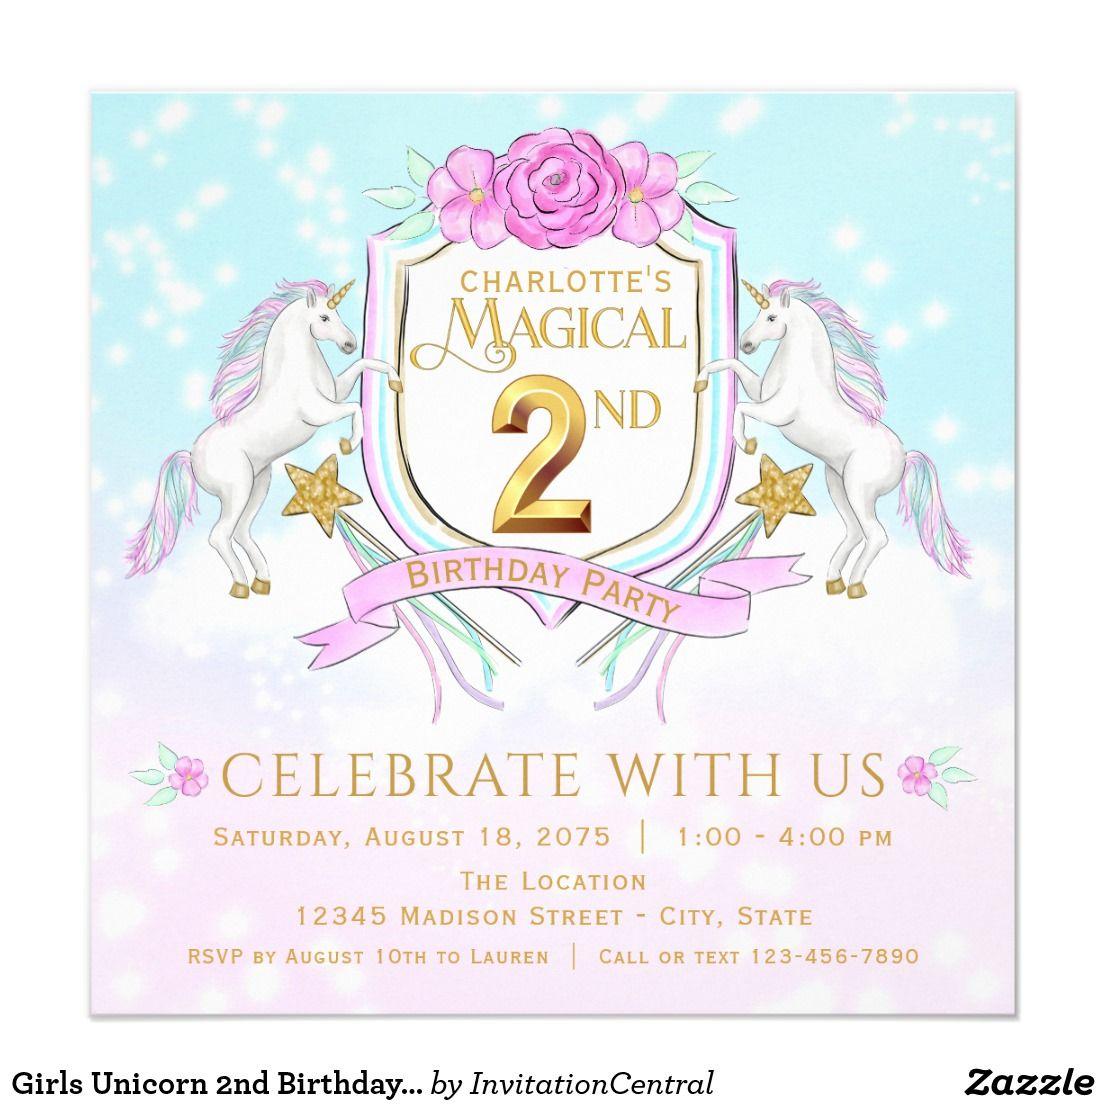 Girls Unicorn 2nd Birthday Party Invitations   Kids Birthday Party ...